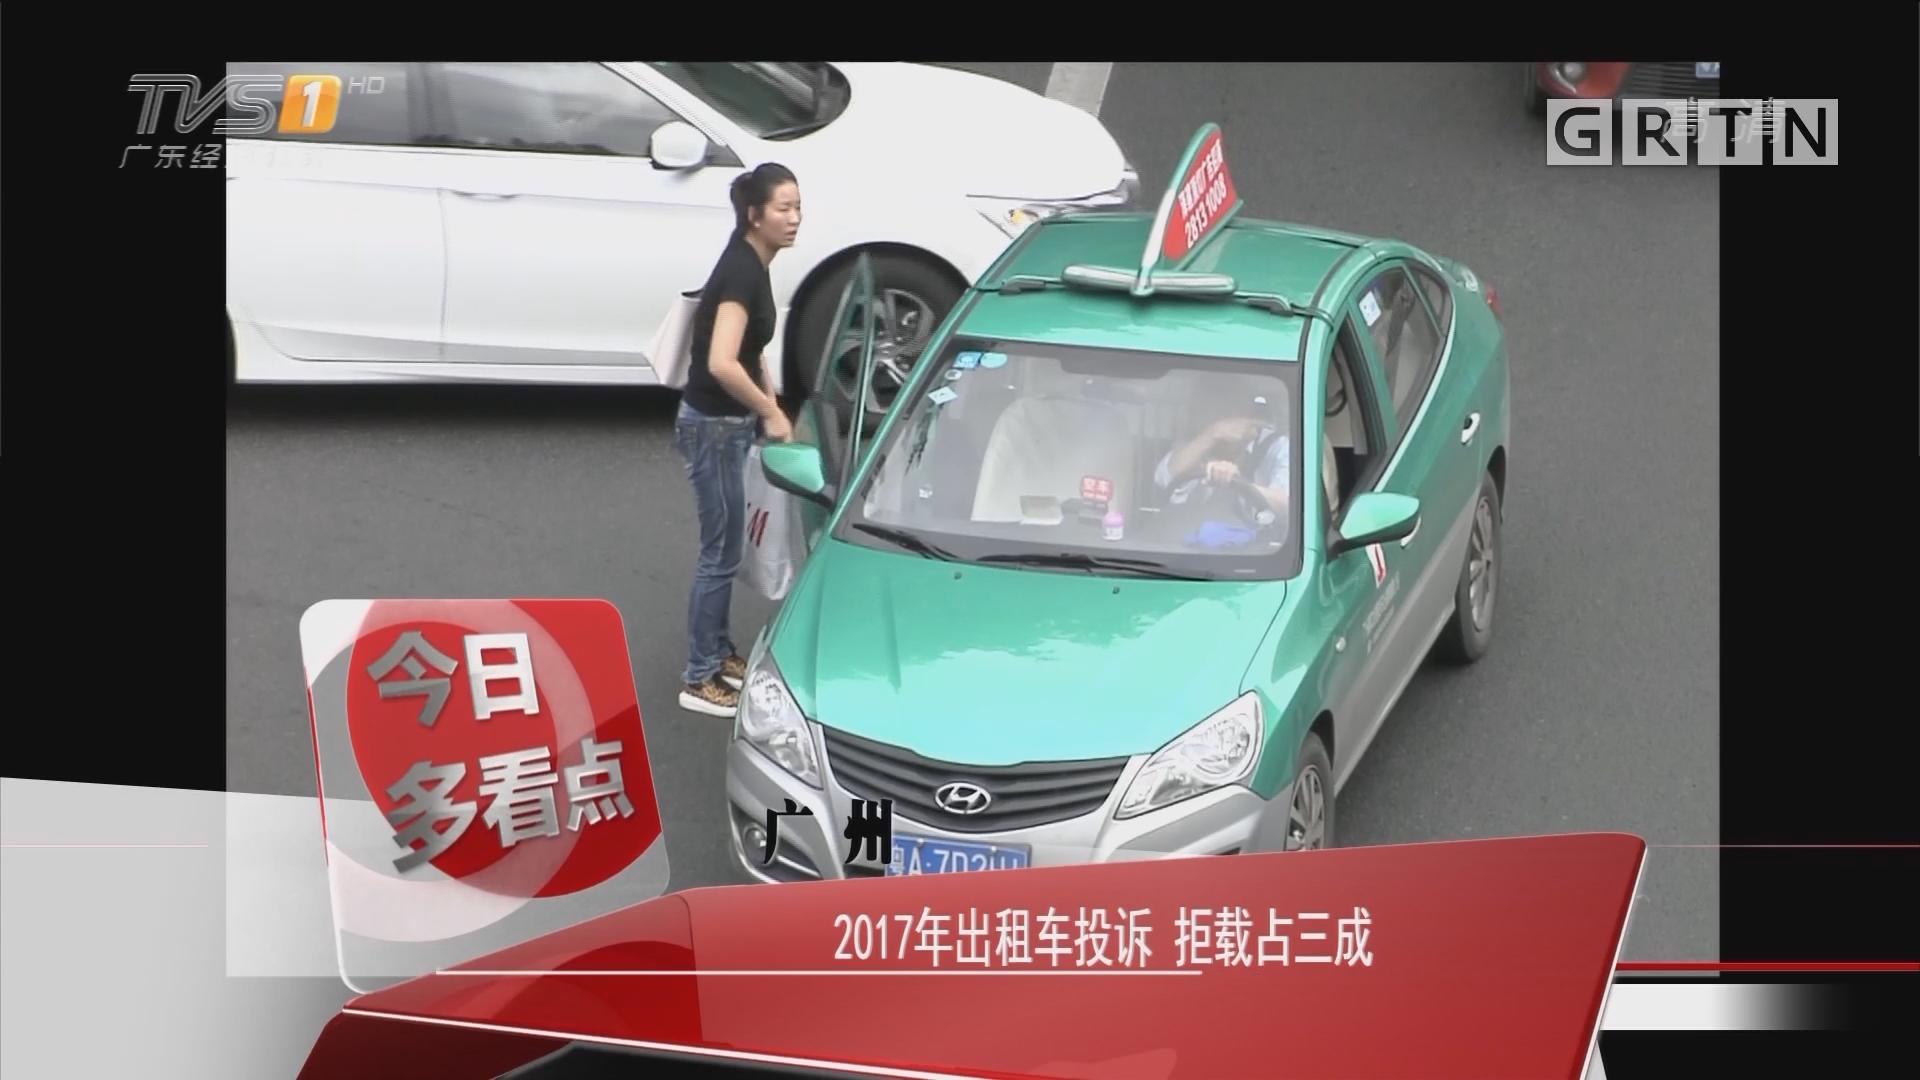 广州:2017年出租车投诉 拒载占三成